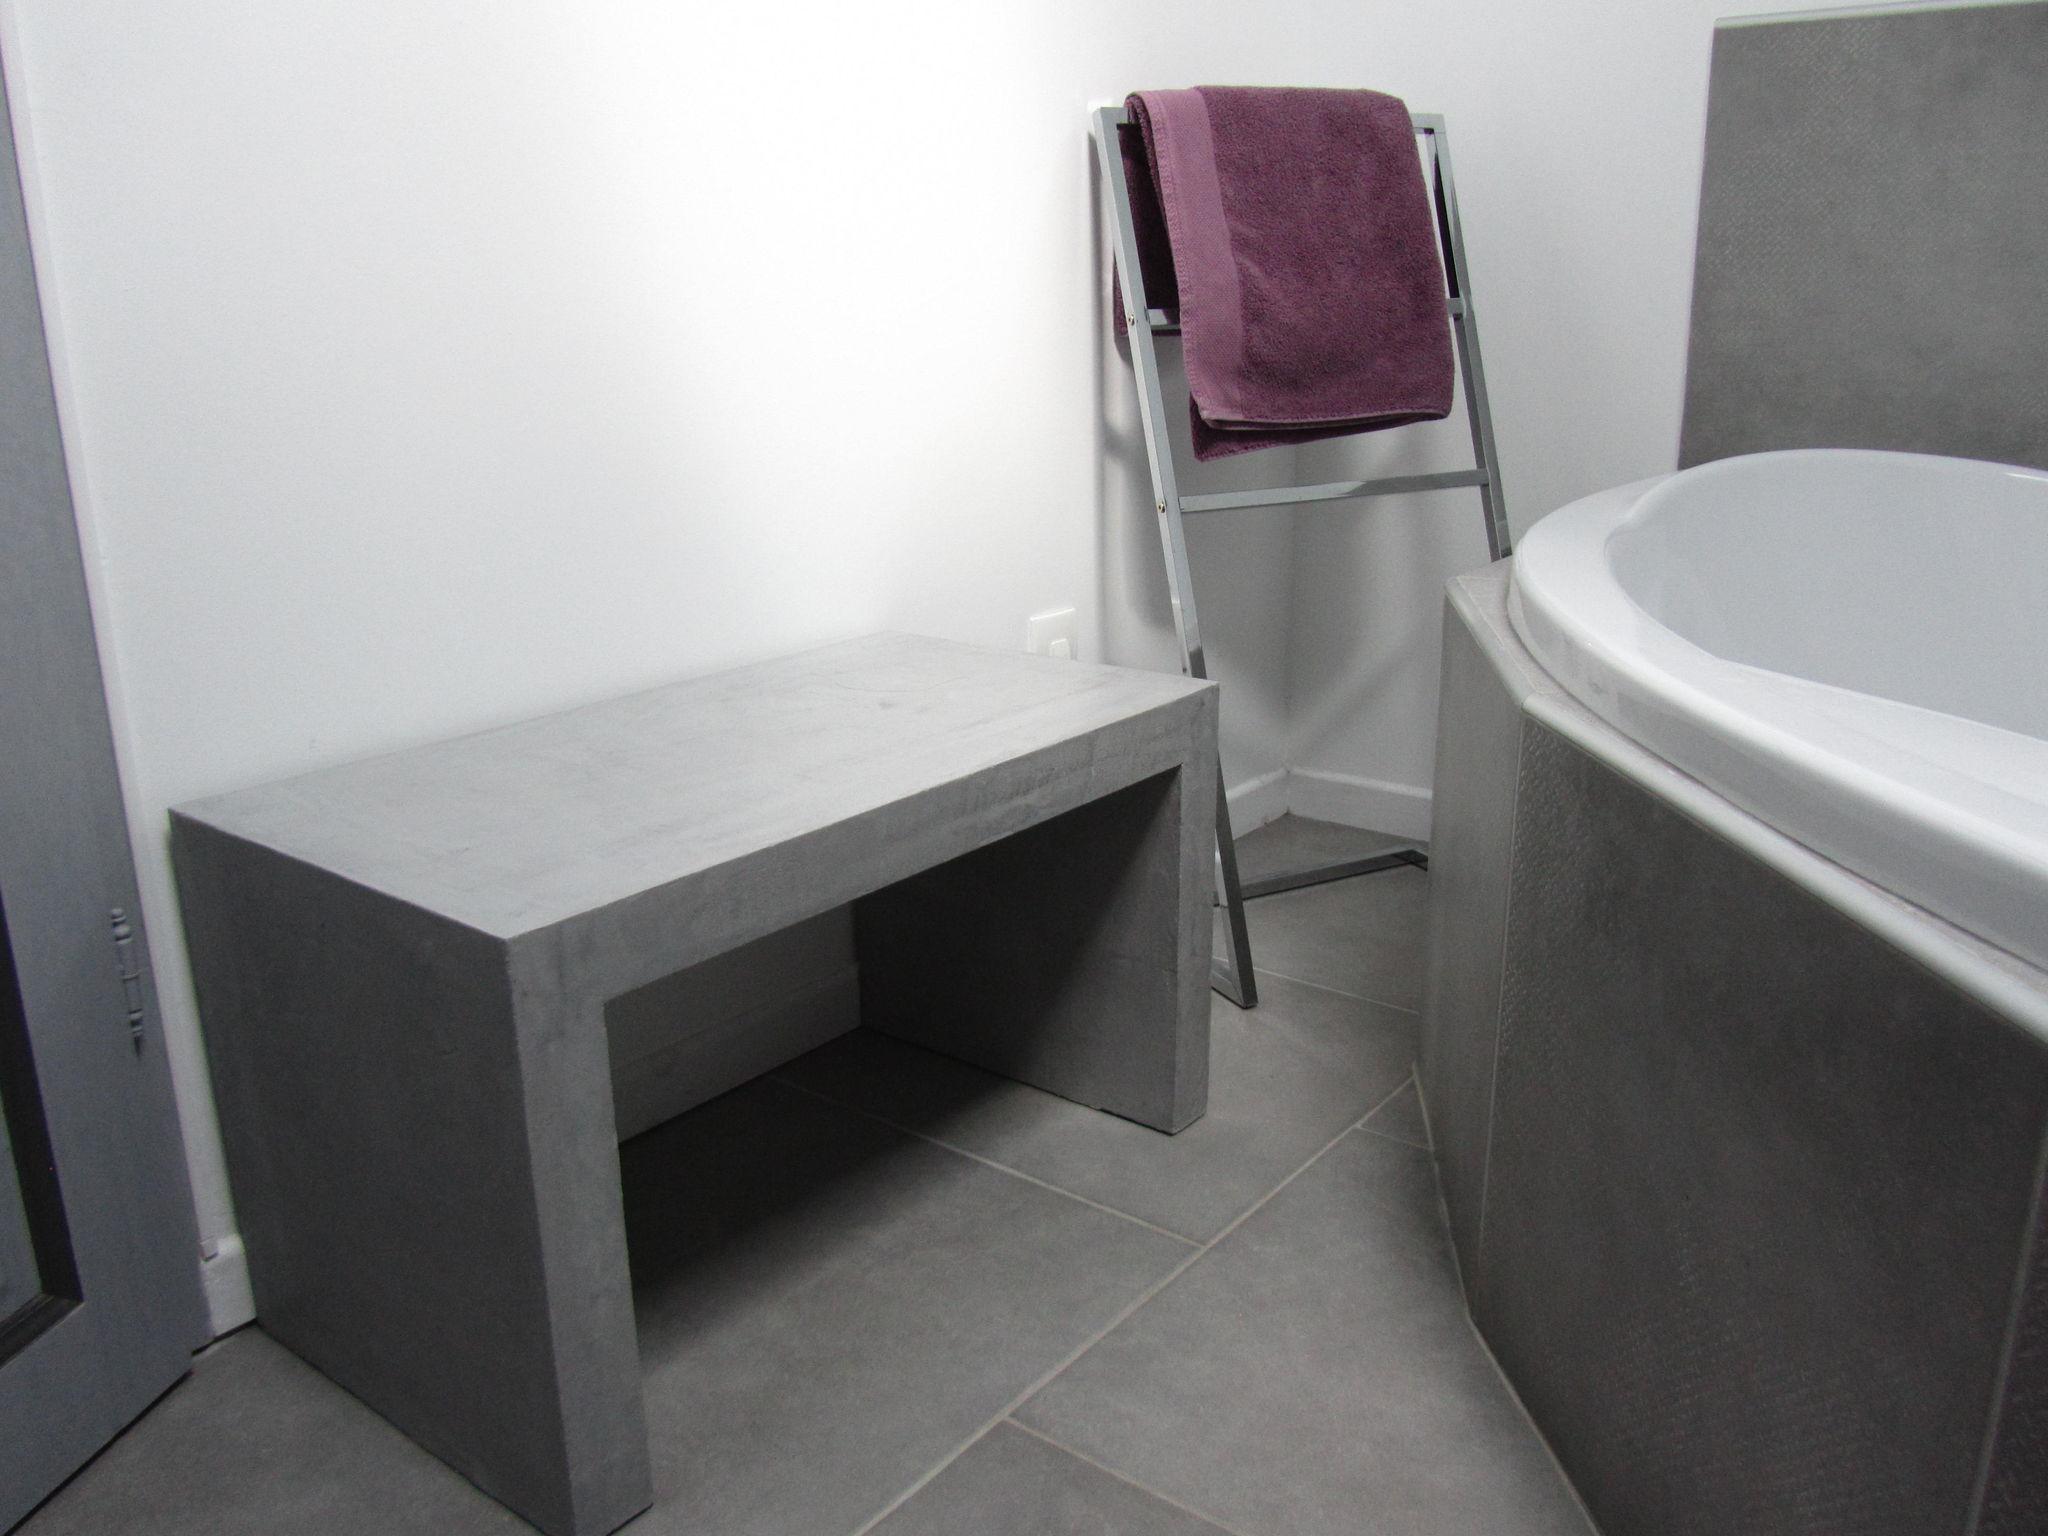 console grise photo de beton cire le mobilier catherine pendanx. Black Bedroom Furniture Sets. Home Design Ideas